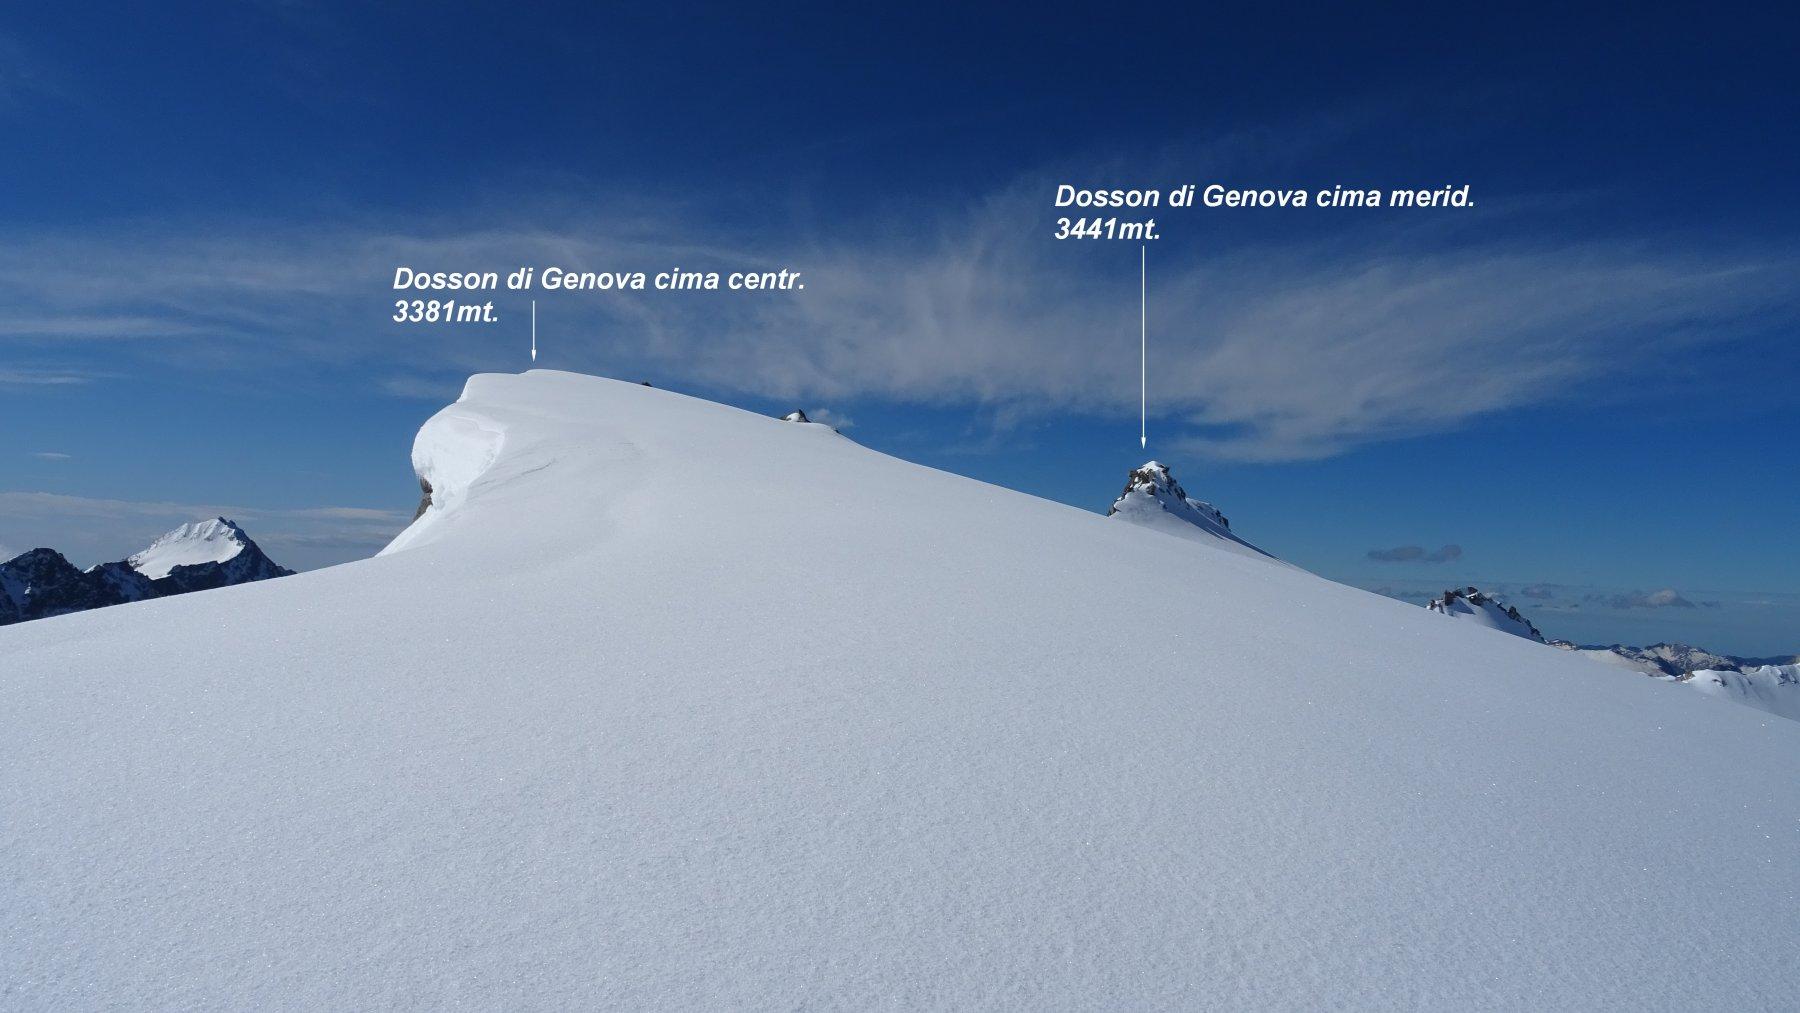 Verso la cresta del Dosson centrale.